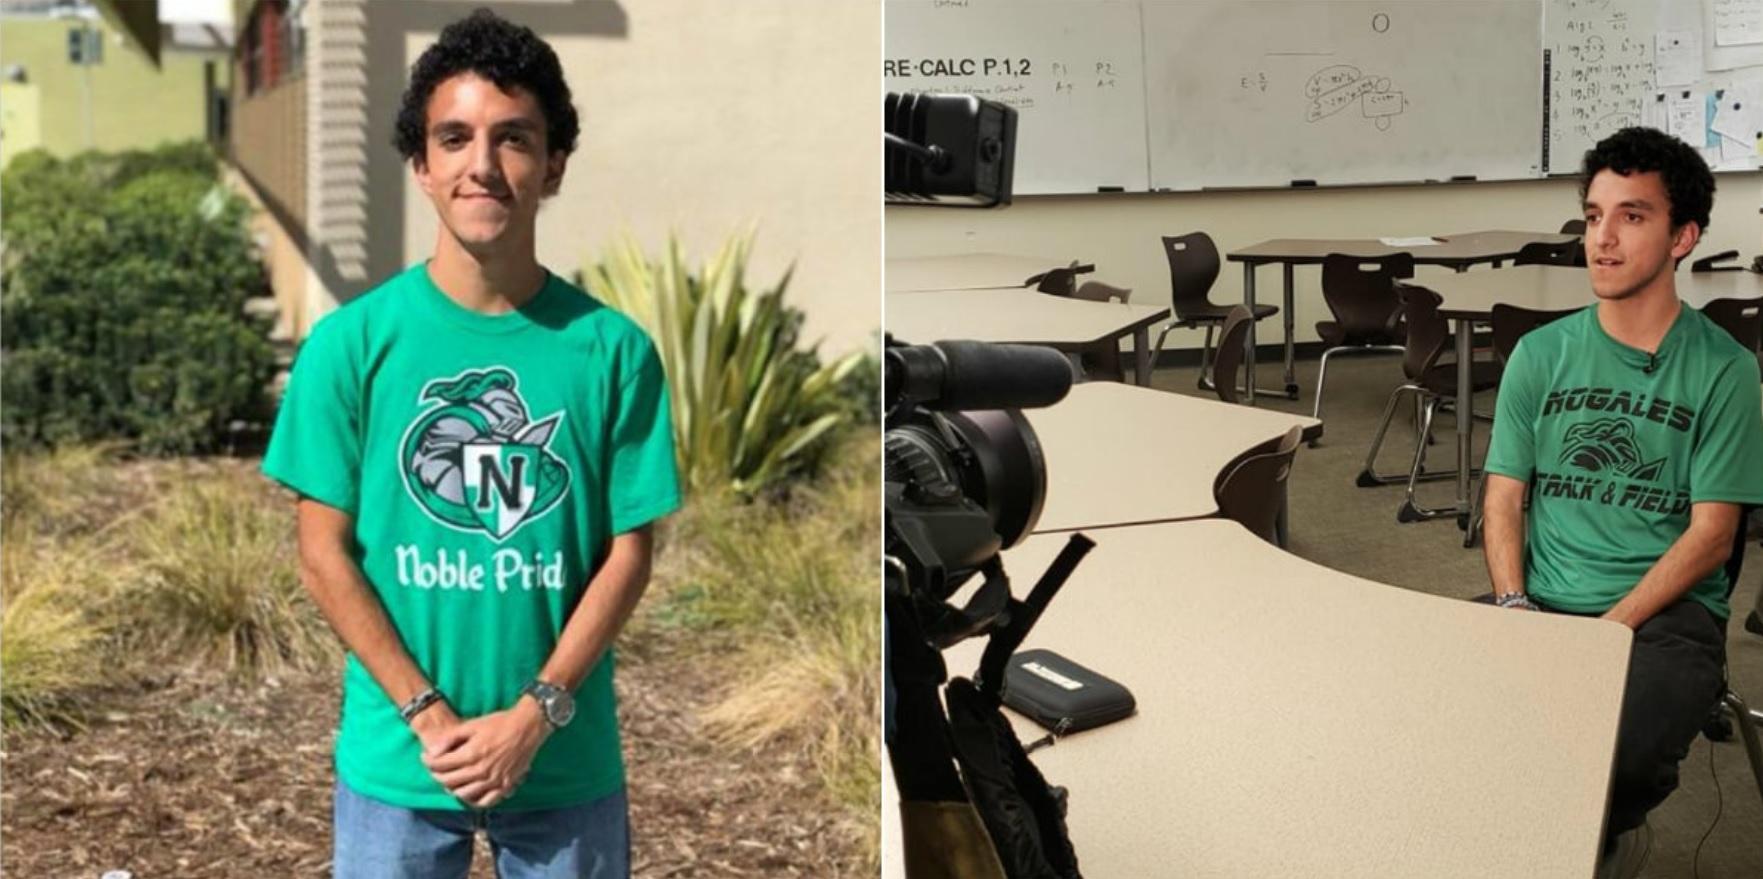 Osvaldo Cervantes fue aceptado por tres de las mejores universidades de EEUU, vive en una casa rodante con sus padres de origen mexicano Fotos: (Rowland Unified School District)